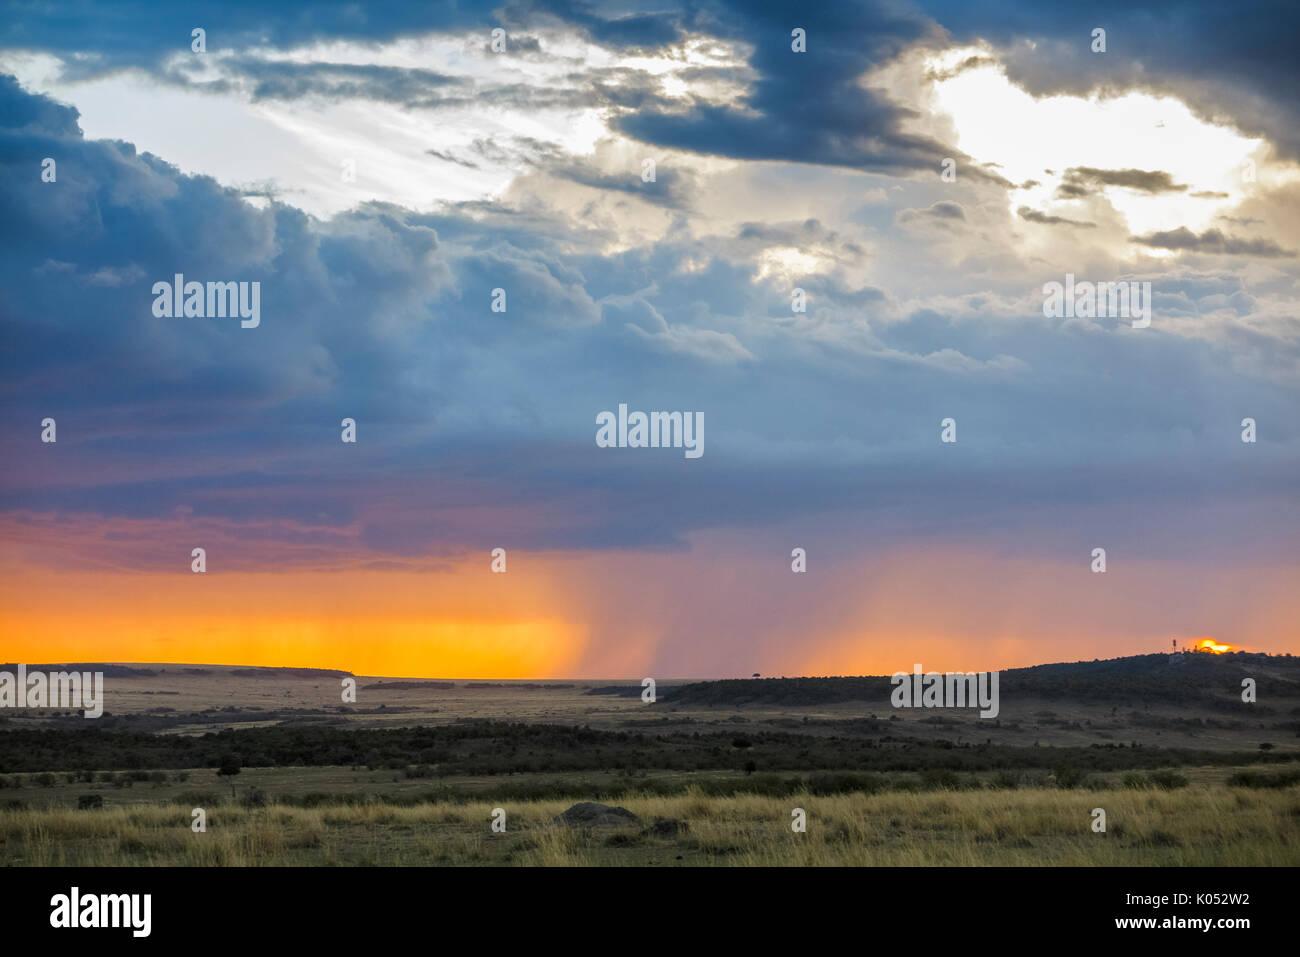 Vue paysage panoramique: gris nuages de tempête de recueillir plus de la savane avec pluie imminente au coucher du soleil, Masai Mara, Kenya Banque D'Images